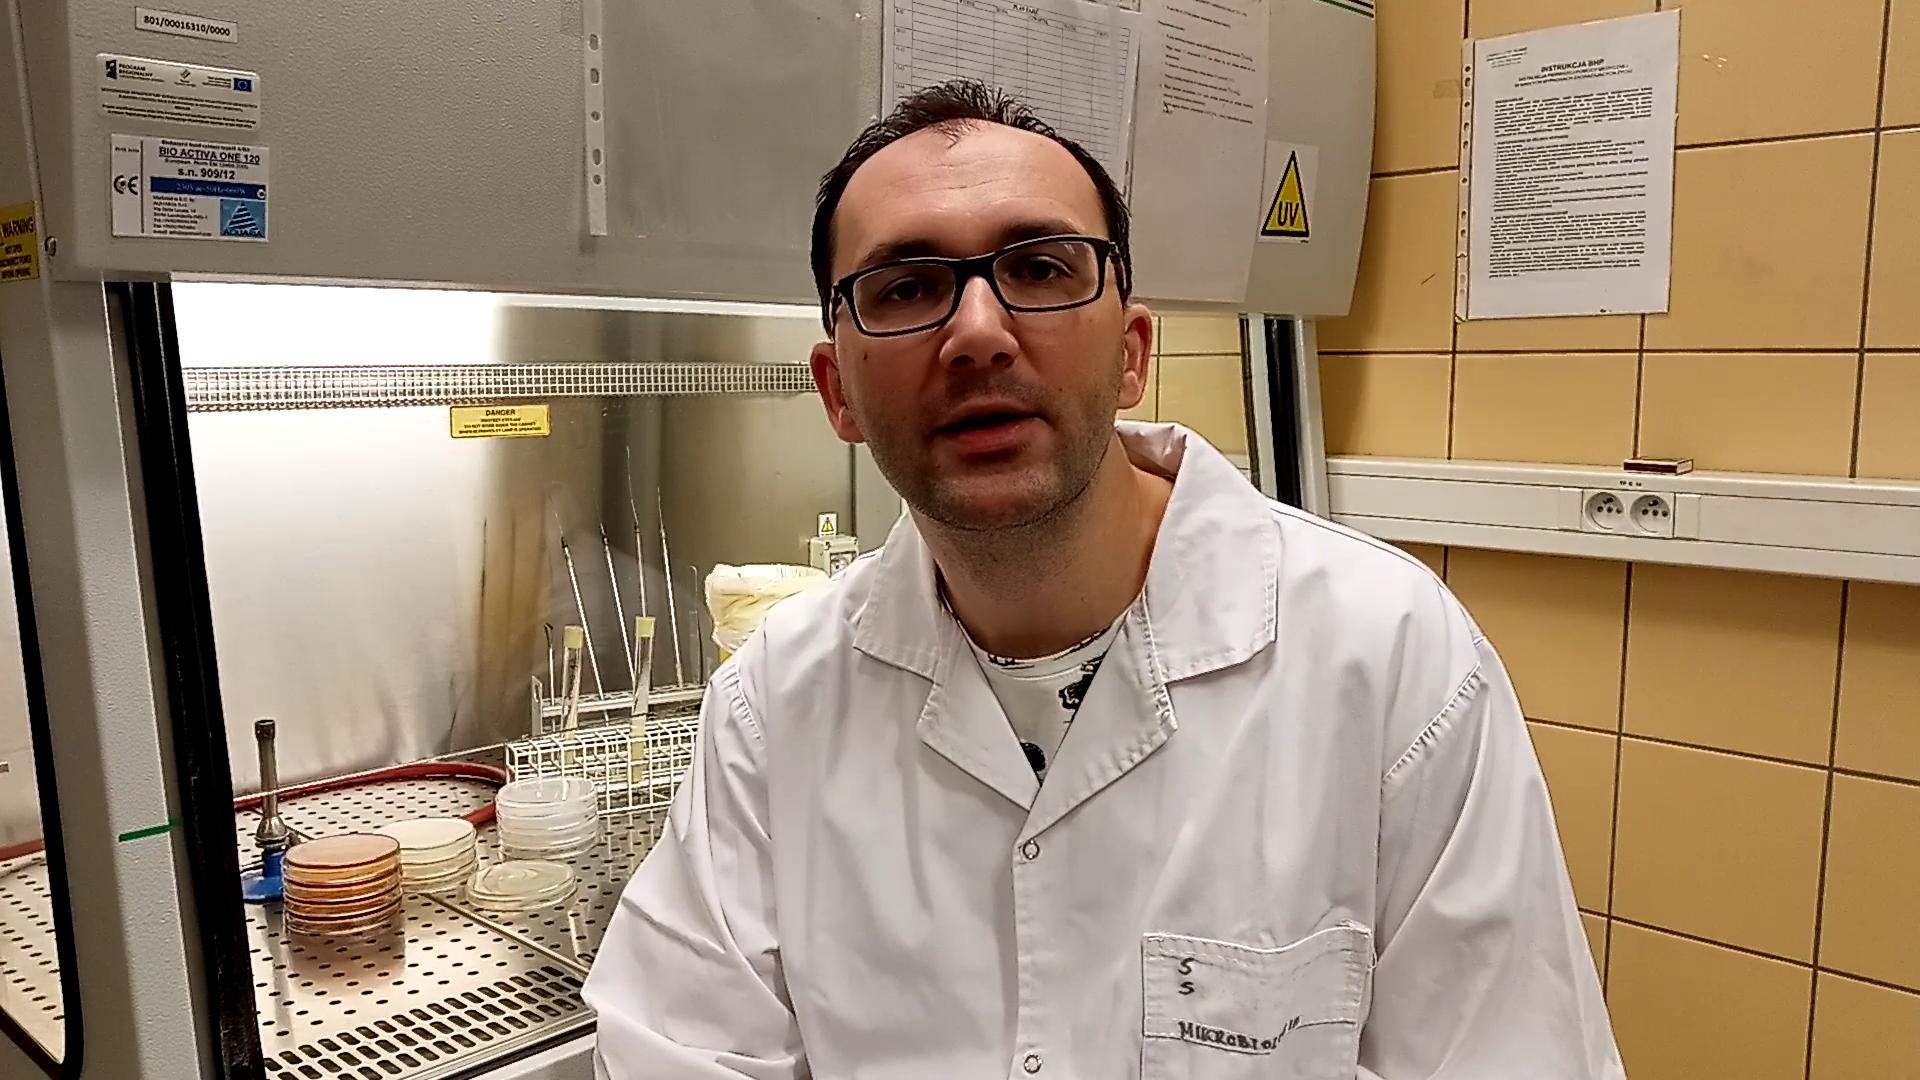 """""""Wirusy. Jak zabić coś, co wymyka się definicji organizmu żywego?""""-   Dr Sławomir Sułowicz, Wydział Nauk Przyrodniczych Uniwersytetu Śląskiego w Katowicach"""